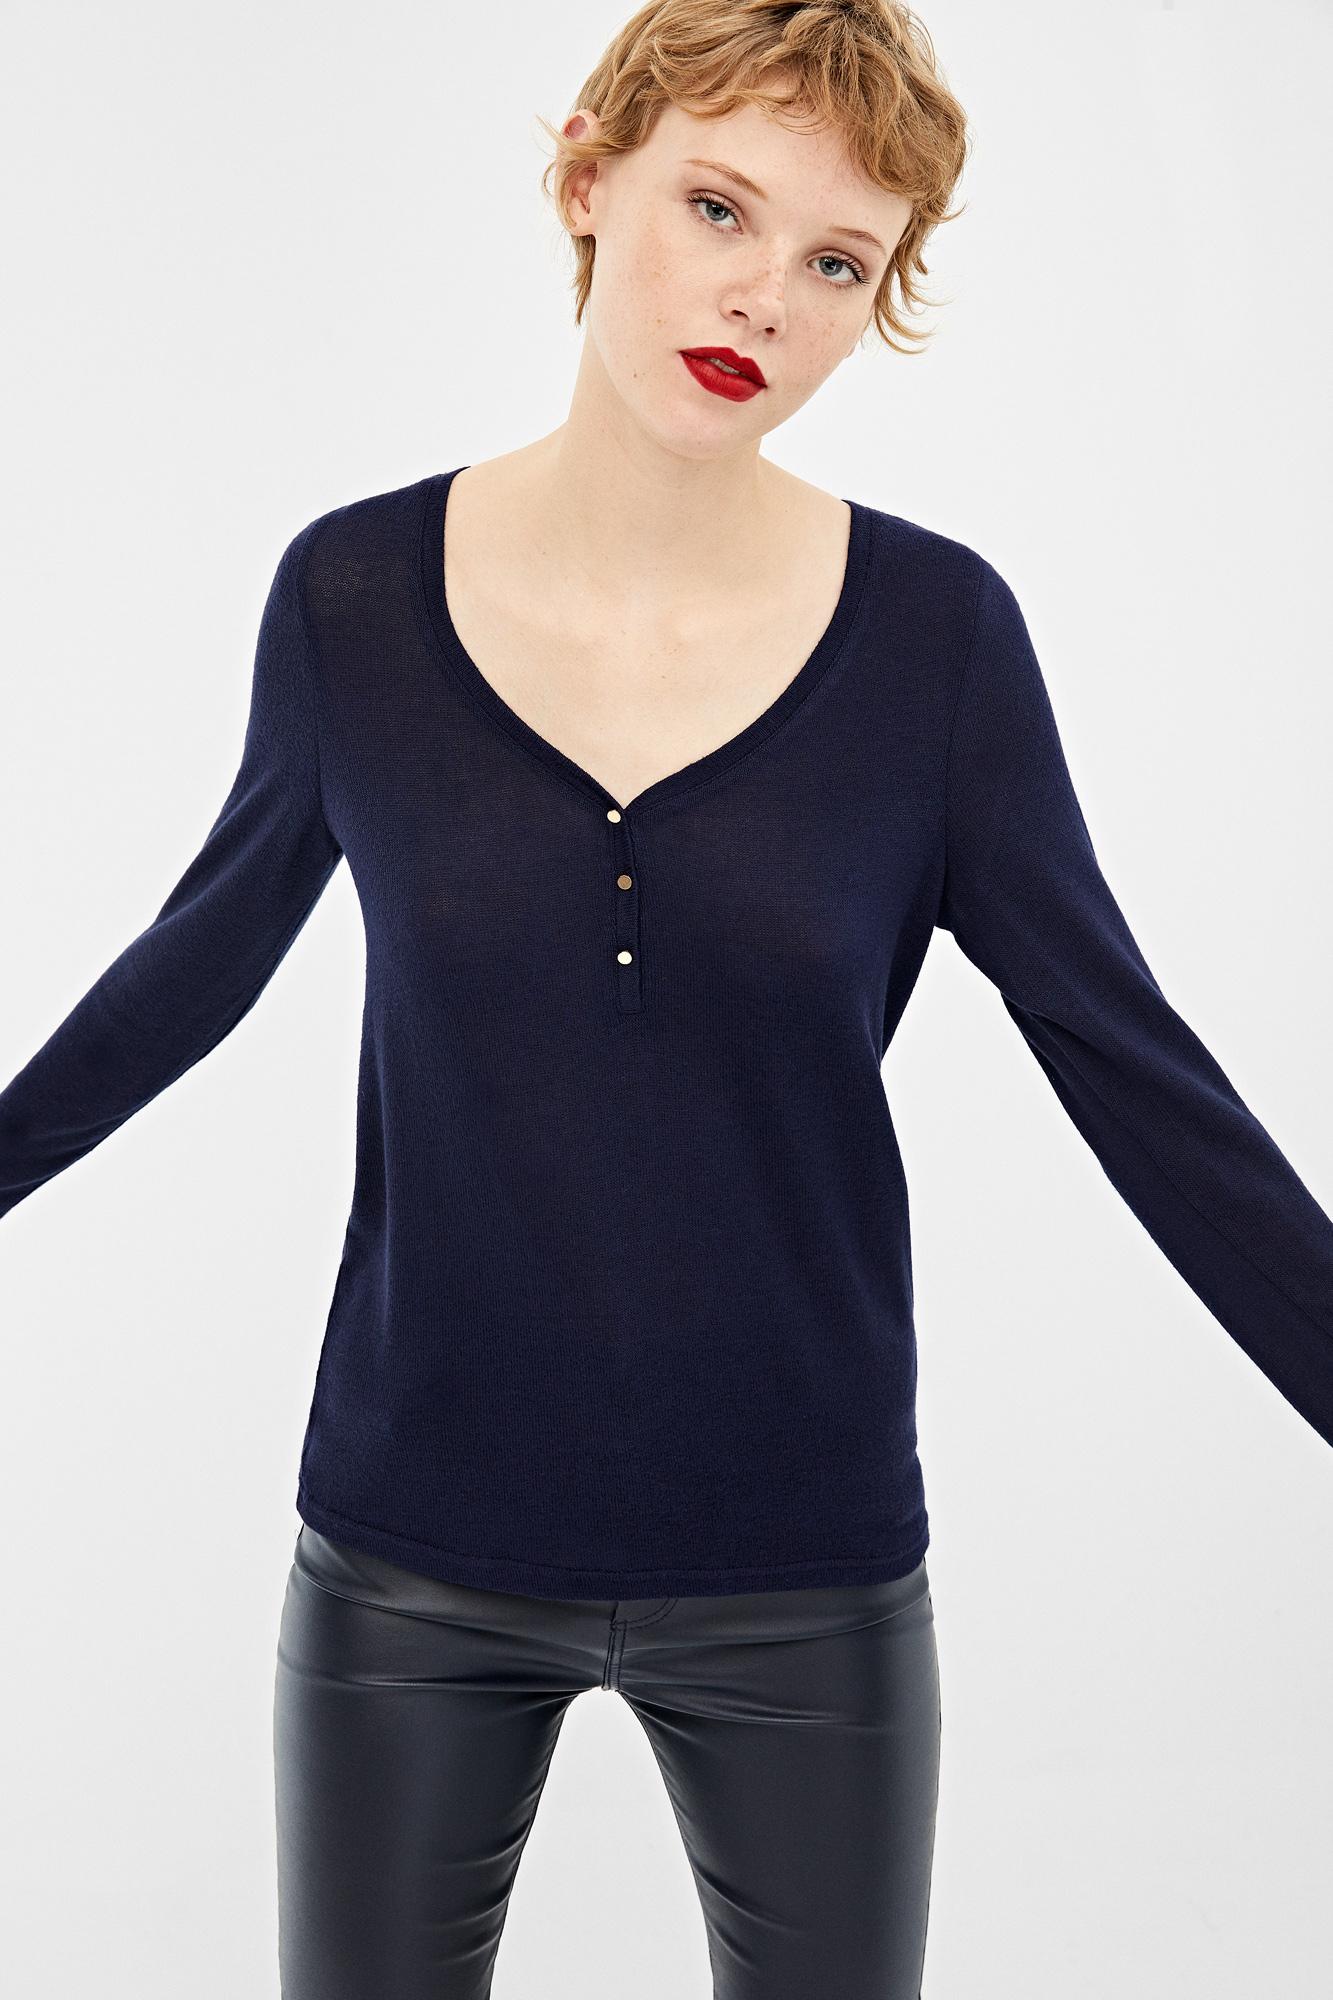 Camisetas manga larga mujer 5,99€